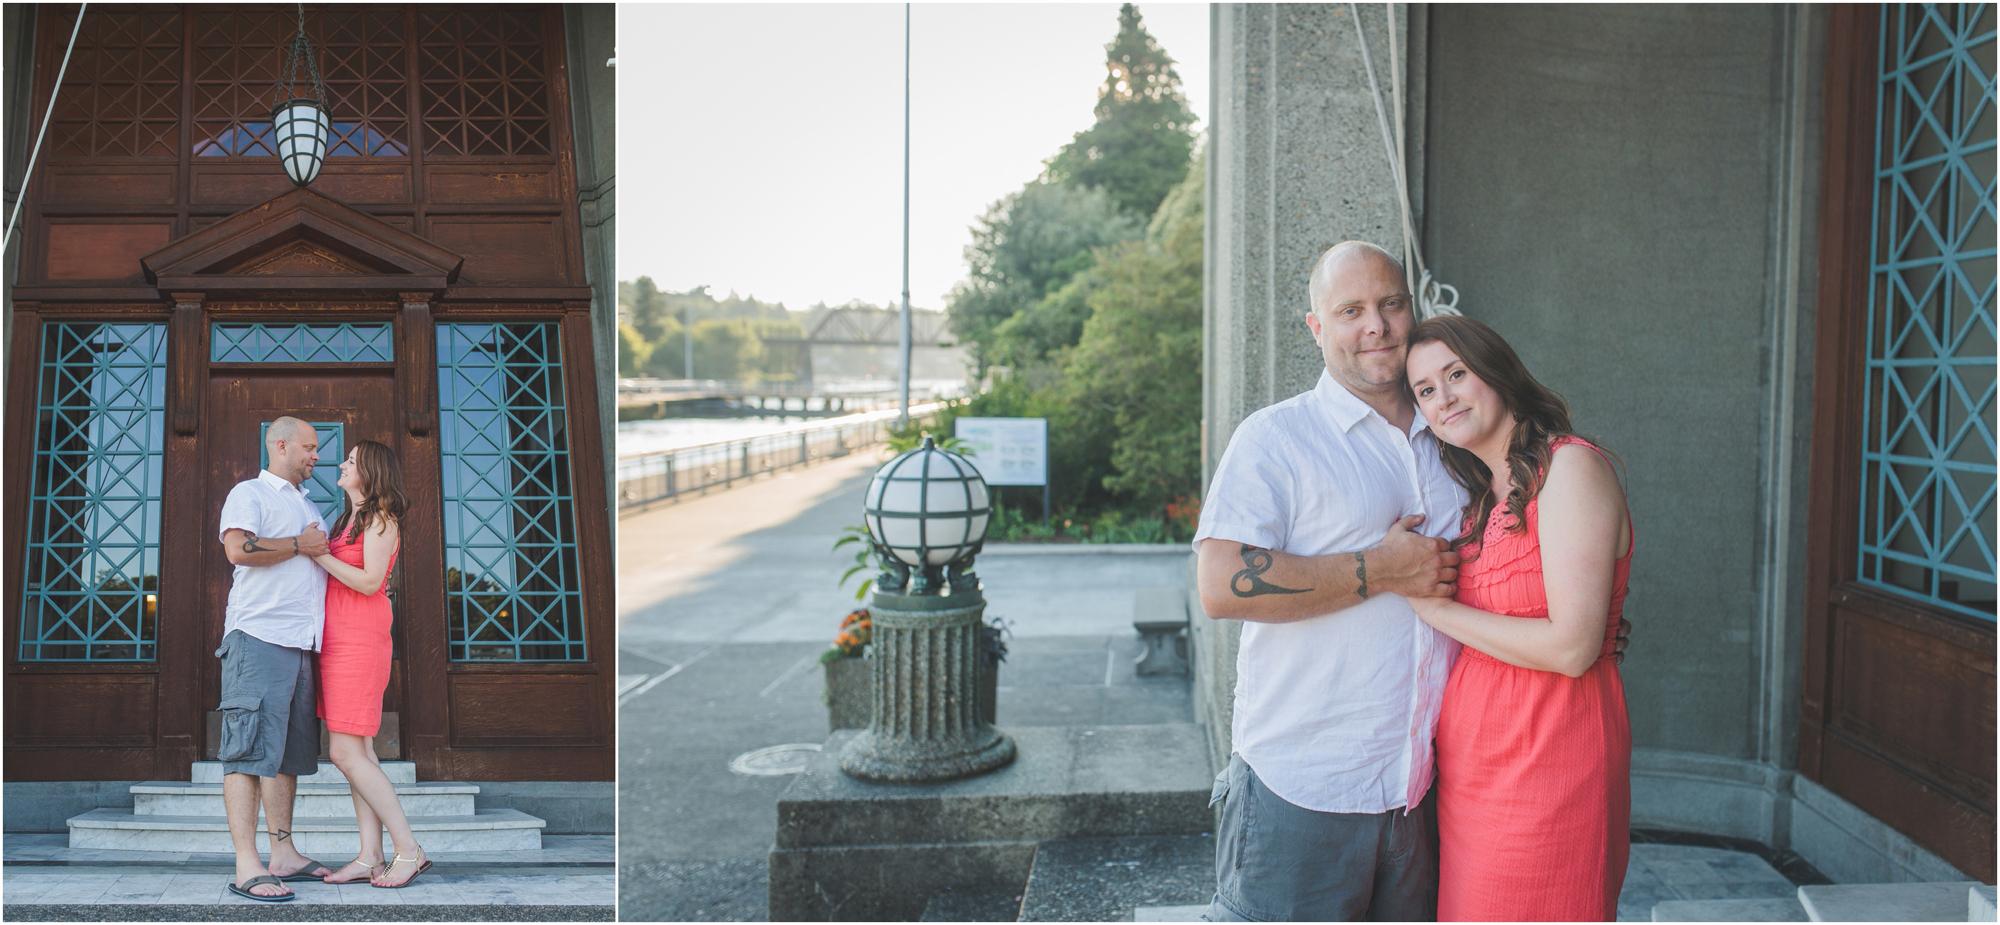 ashley vos photography seattle tacoma area engagement and wedding photographer_0429.jpg